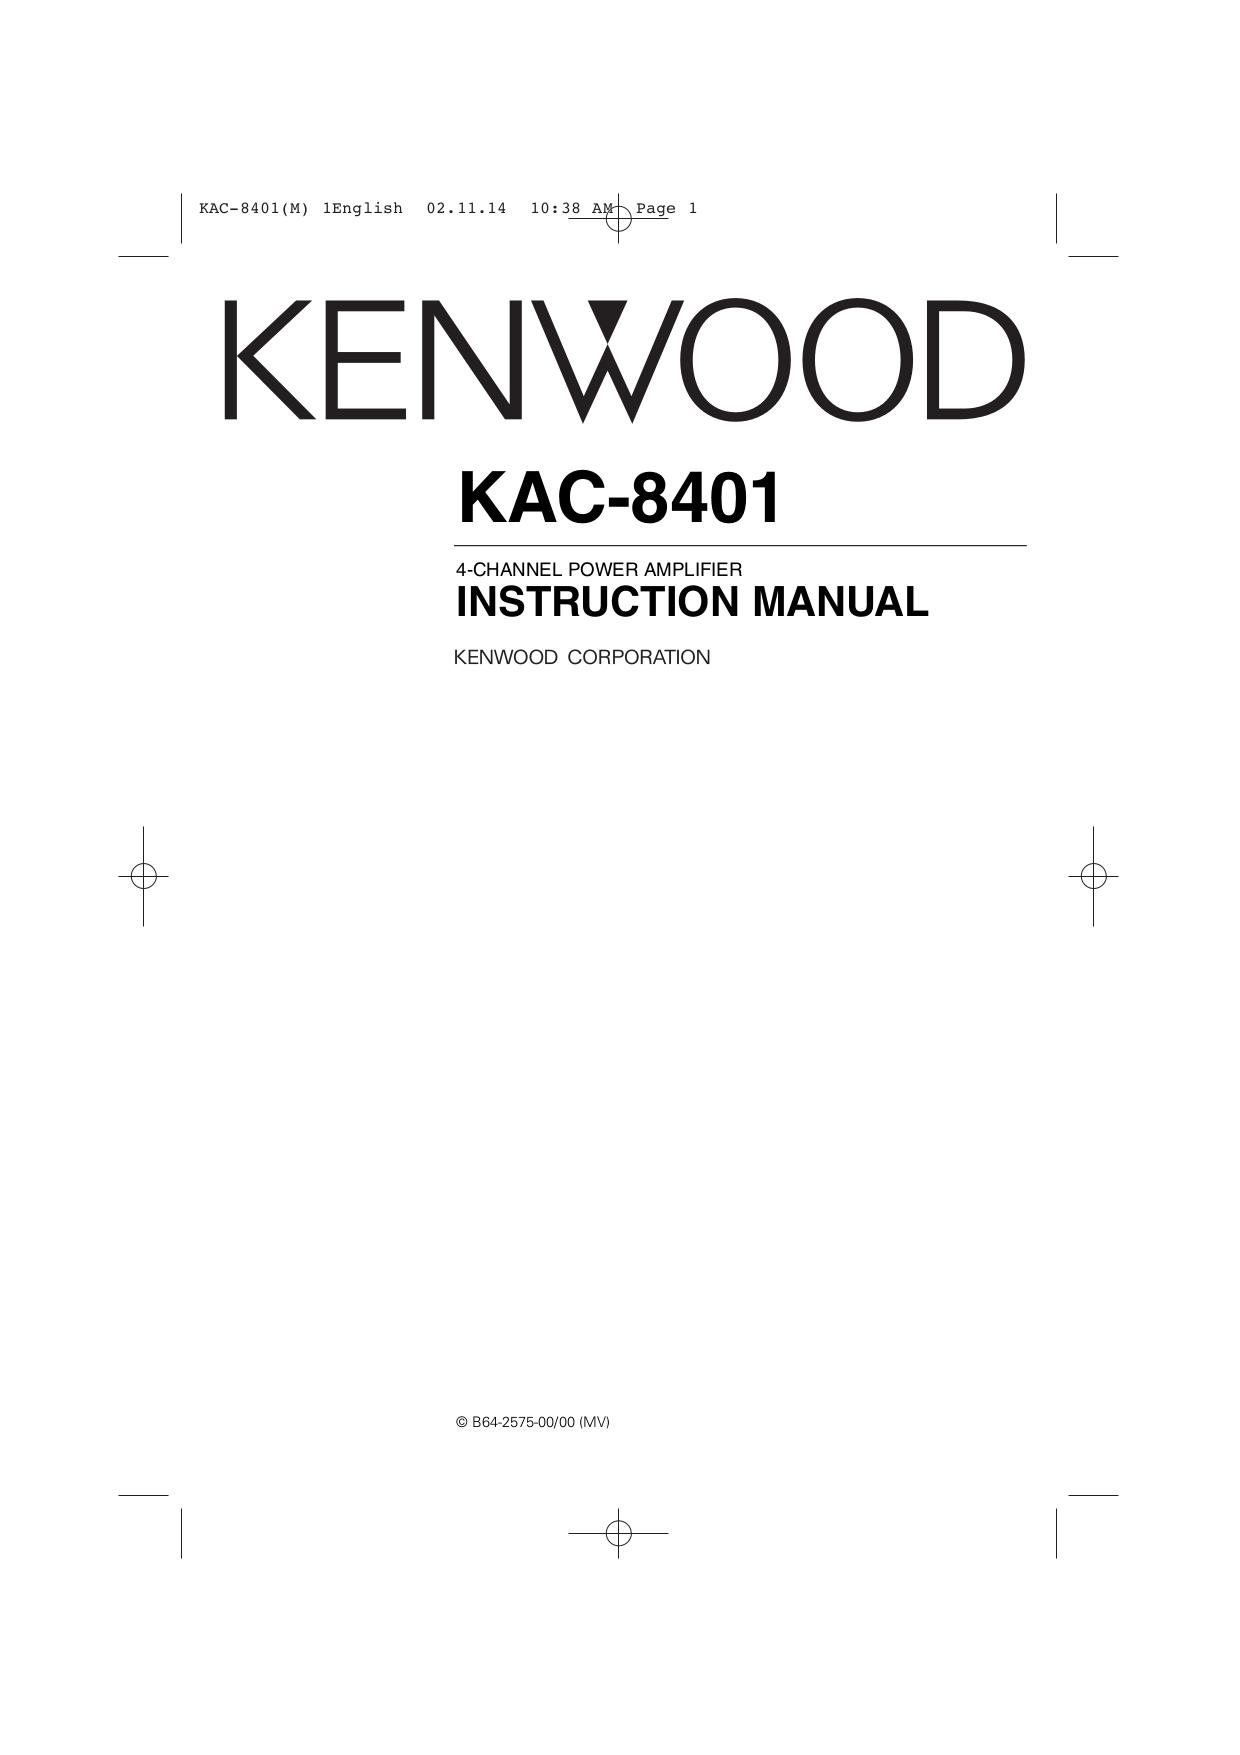 Download Free For Kenwood Kac Car Amplifier Manual